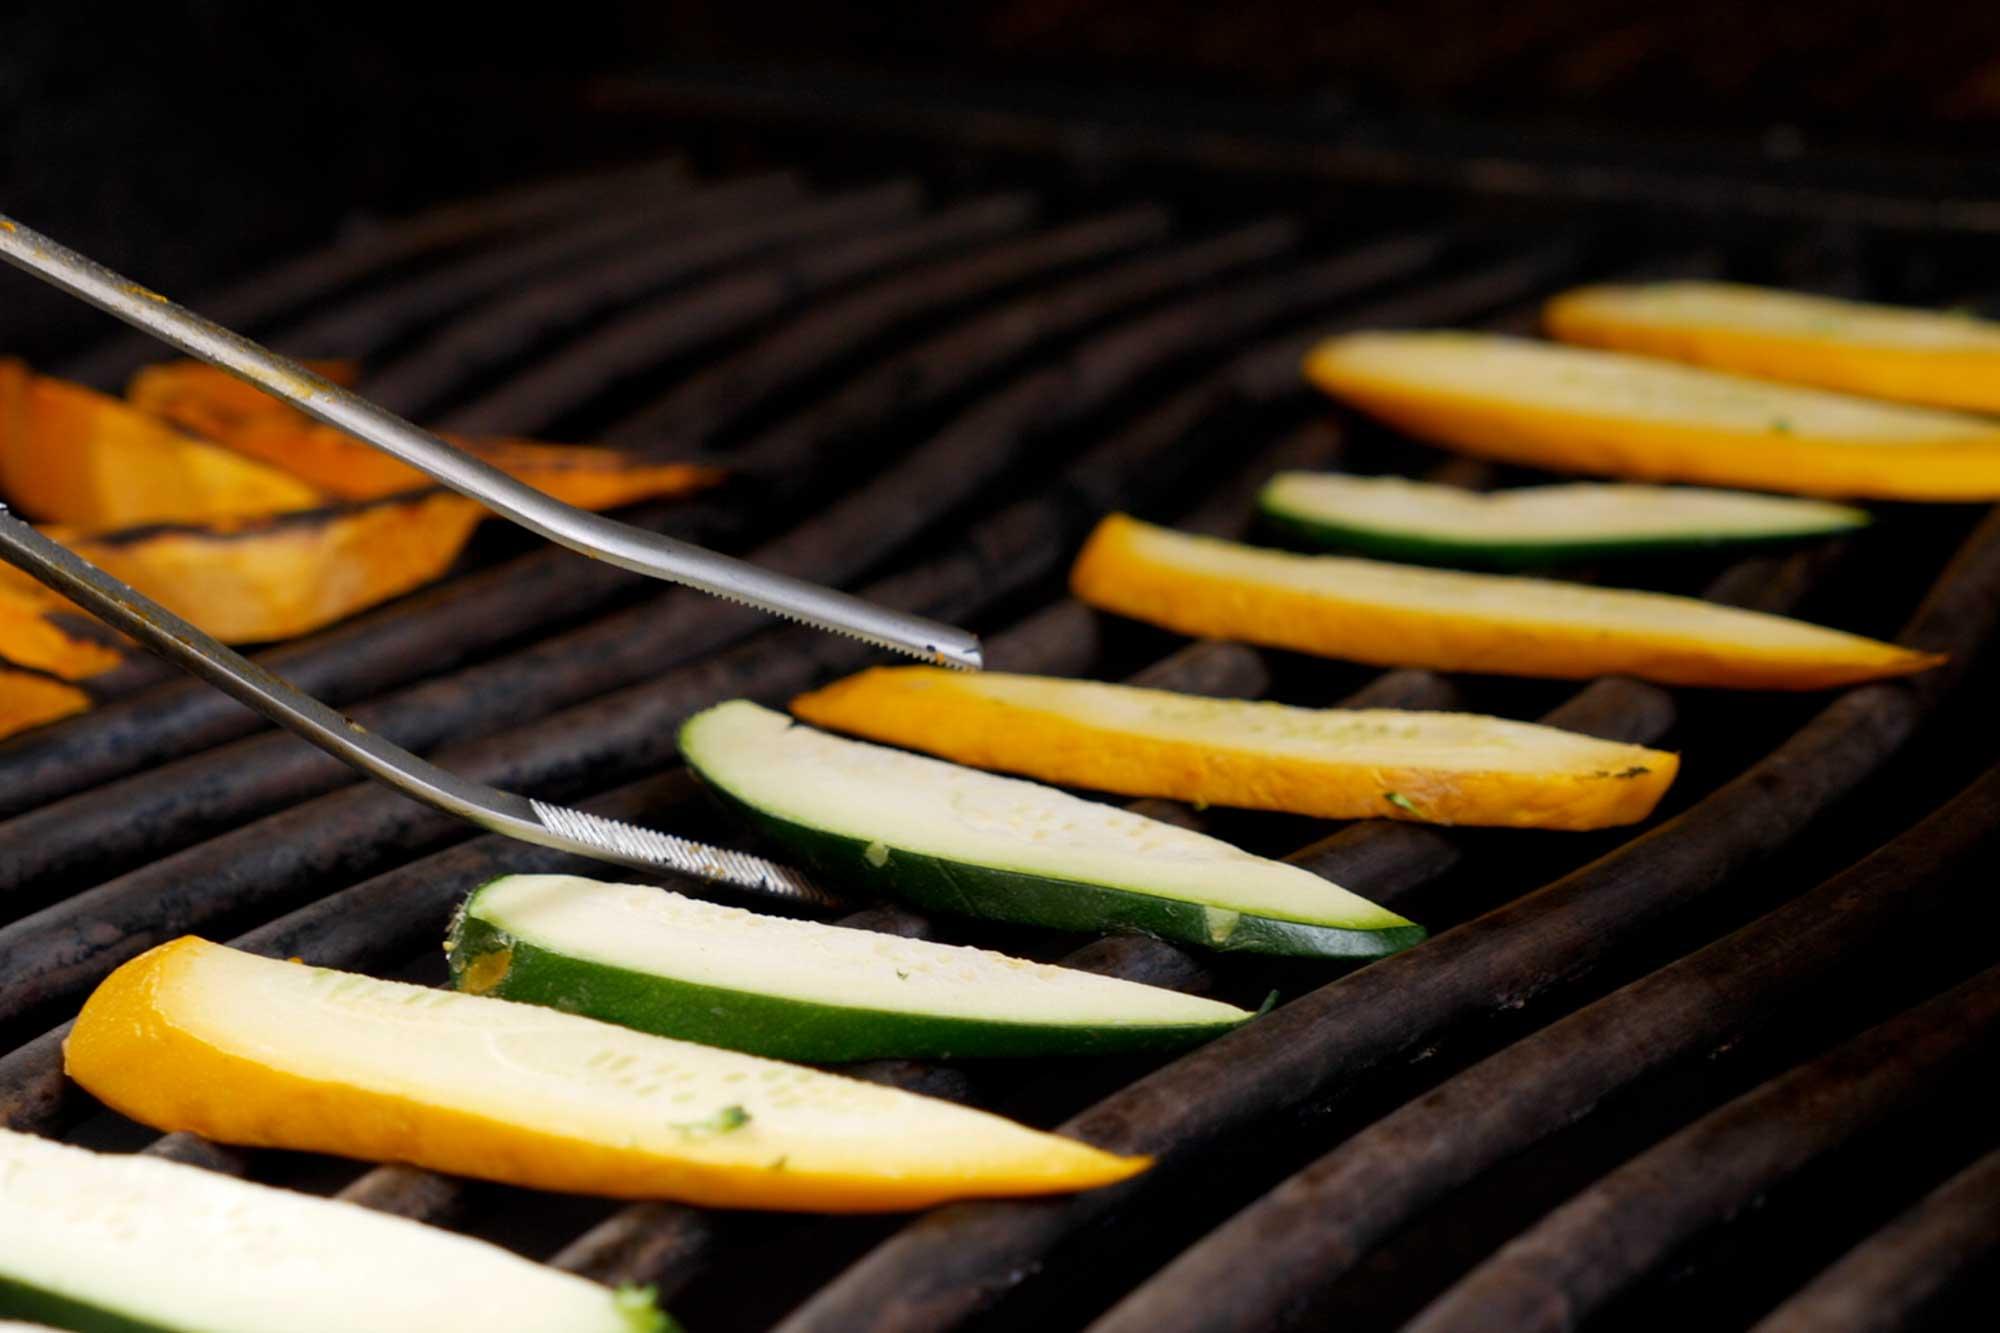 Rezepte Für Gasgrill Vegetarisch : Vegetarisches rezept vom grill spaghetti mit kürbis und grillgemüse